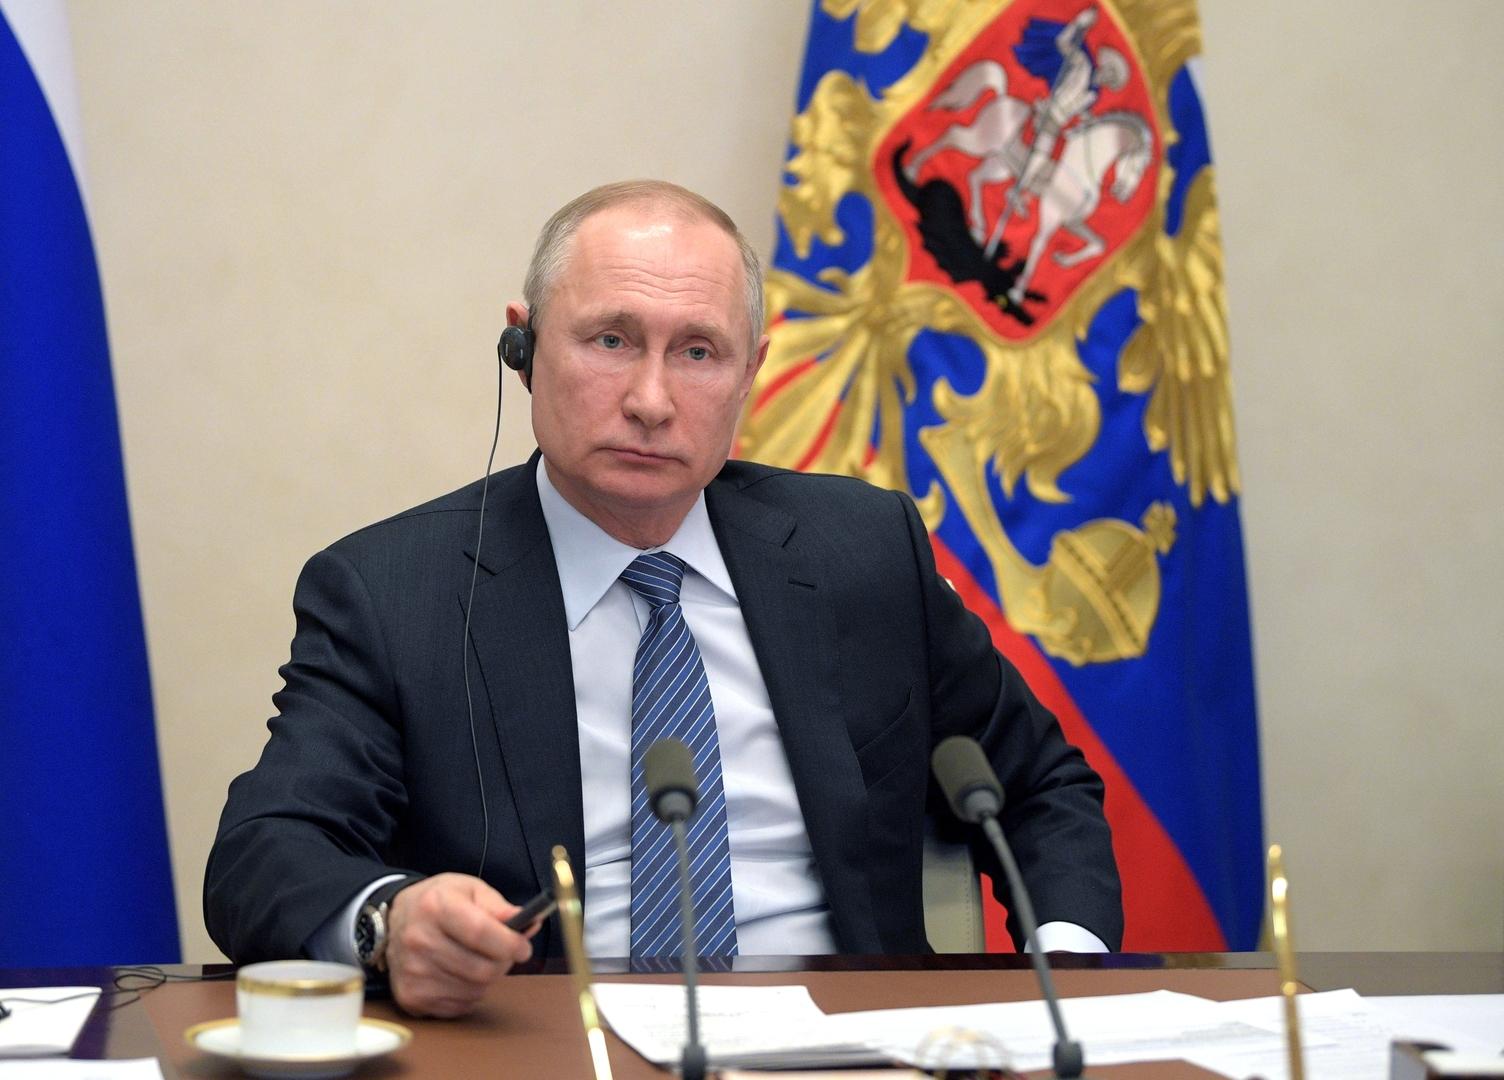 بوتين: تمكنا من تفادي زيادة كبيرة في عدد الإصابات بفيروس كورونا